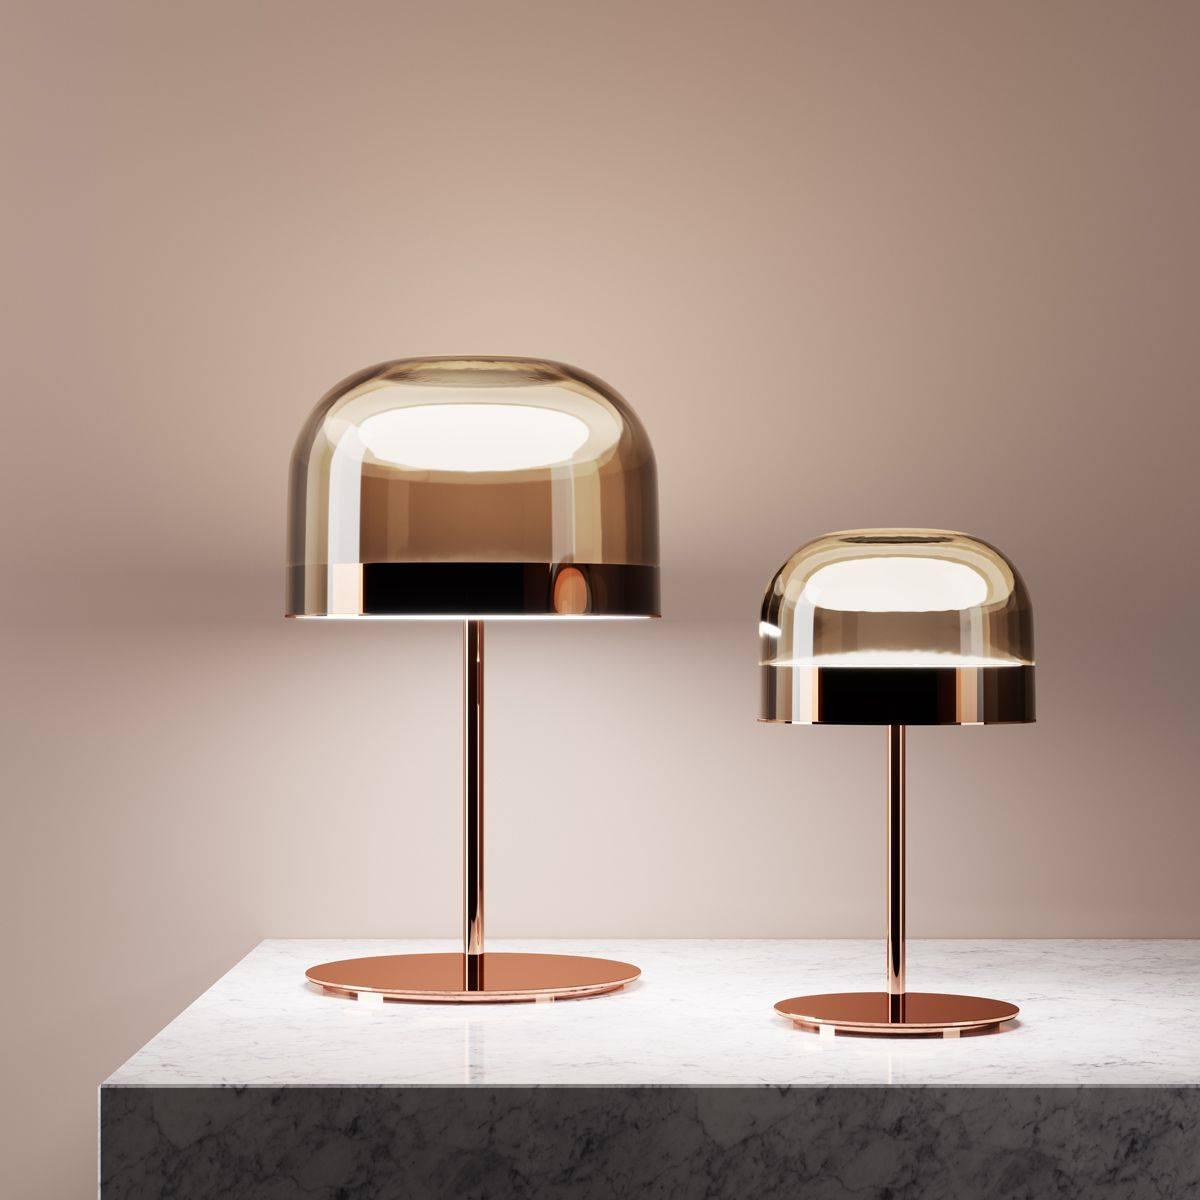 Interamente realizzata a mano da. Illuminazione Di Design Vendita Promozionale Fontanaarte Dal 22 Al 25 Novembre Cose Di Casa